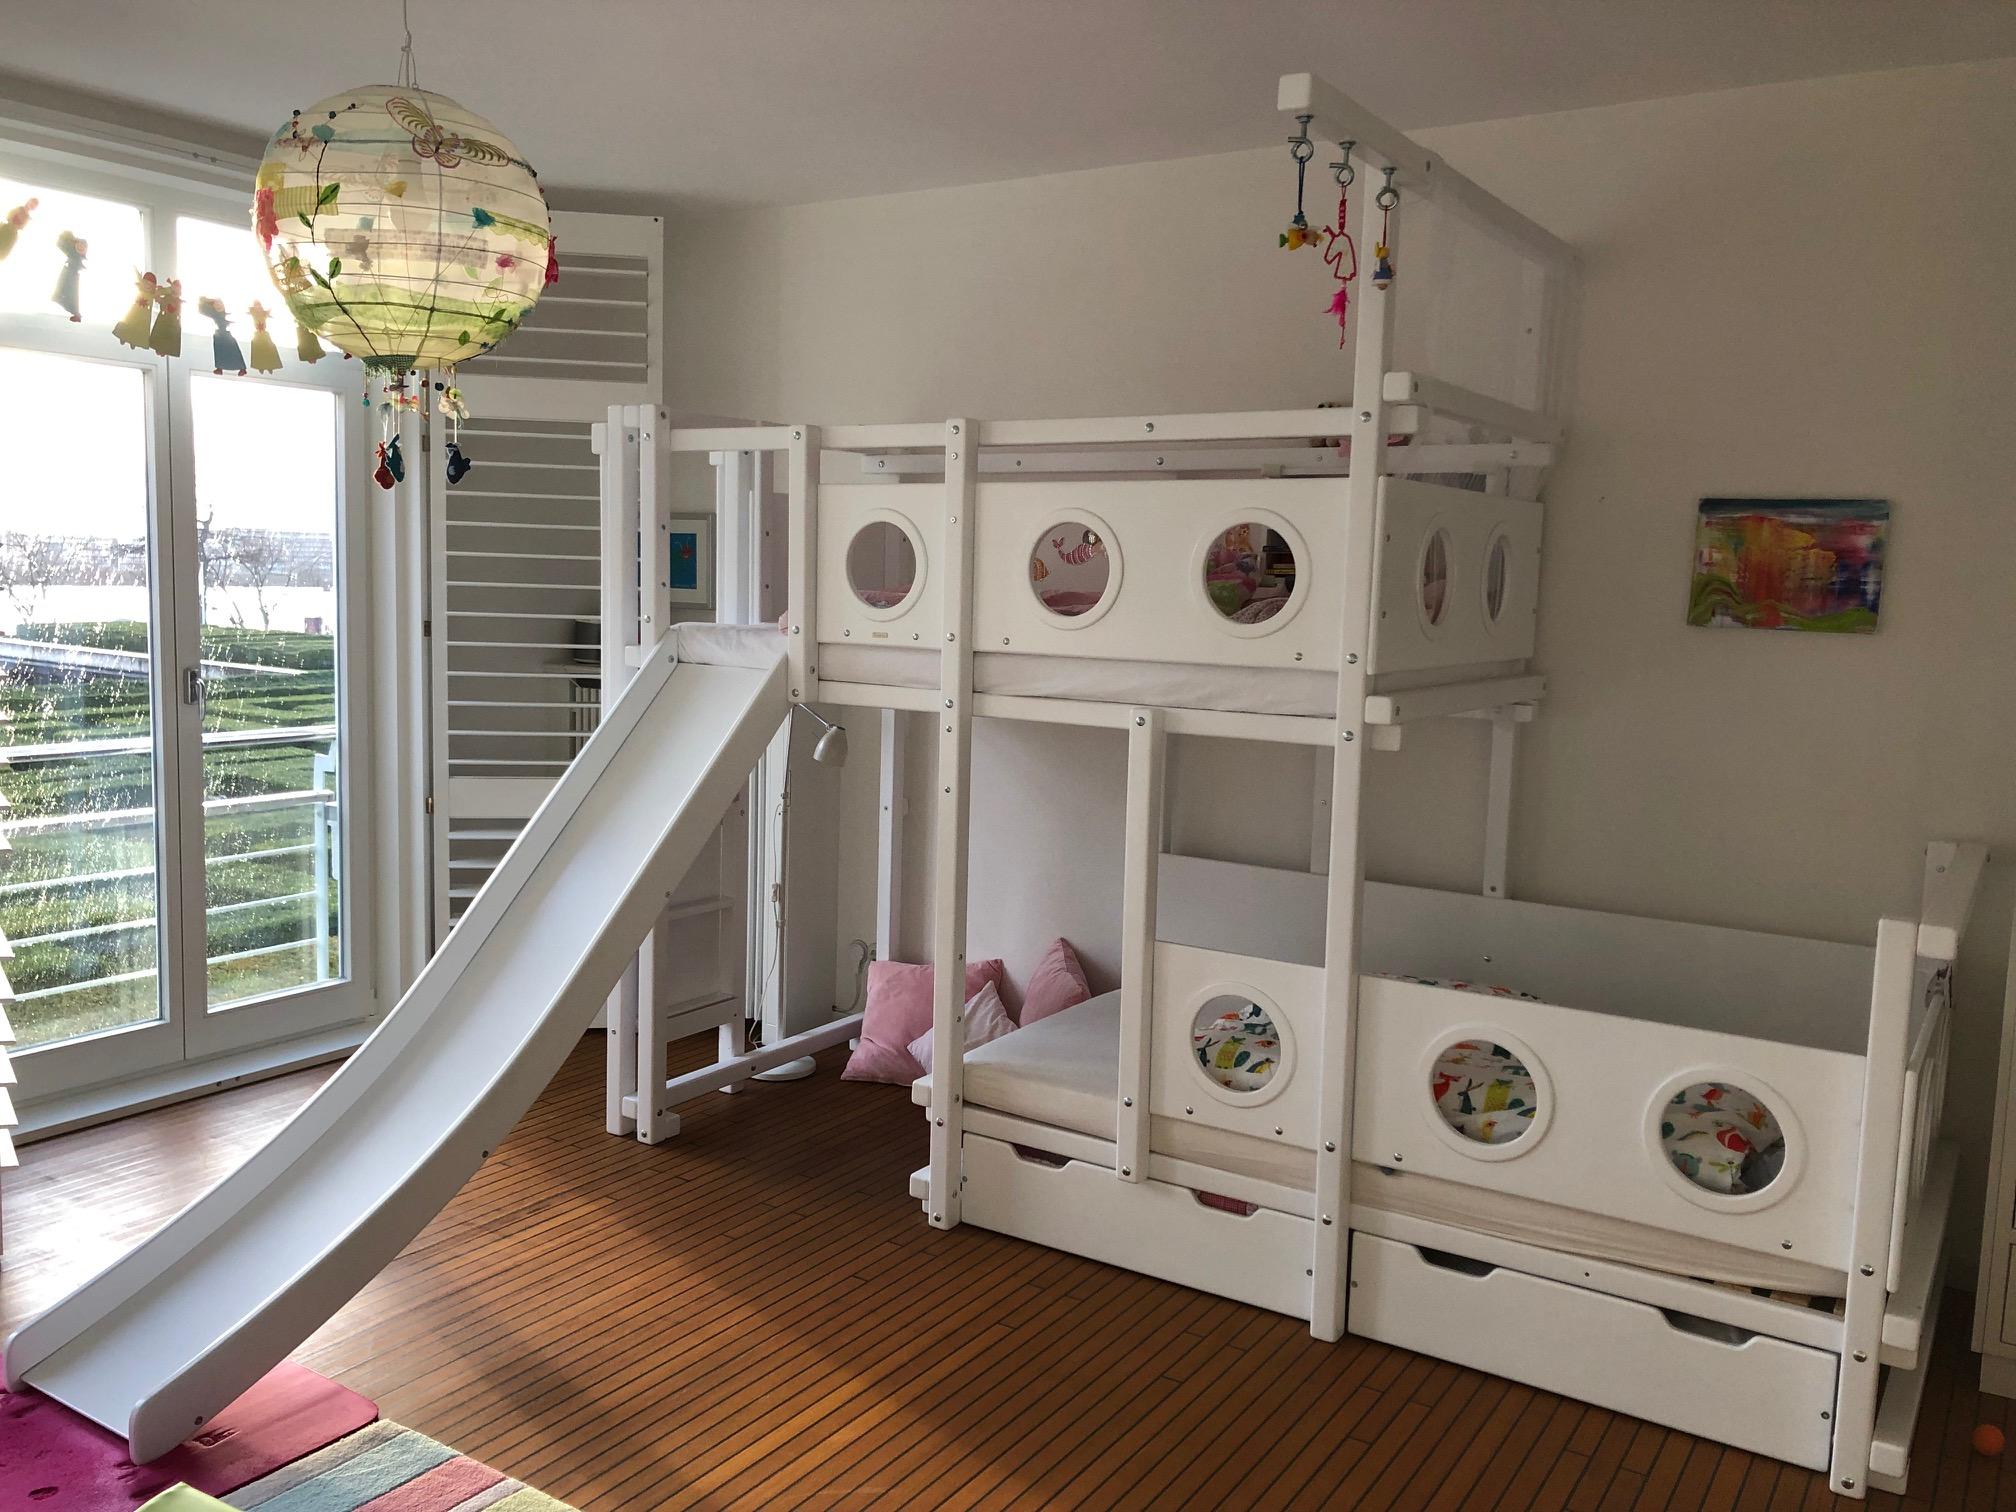 Etagenbett Unten Gitter : Etagenbett kinderzimmer ausstattung und möbel gebraucht kaufen